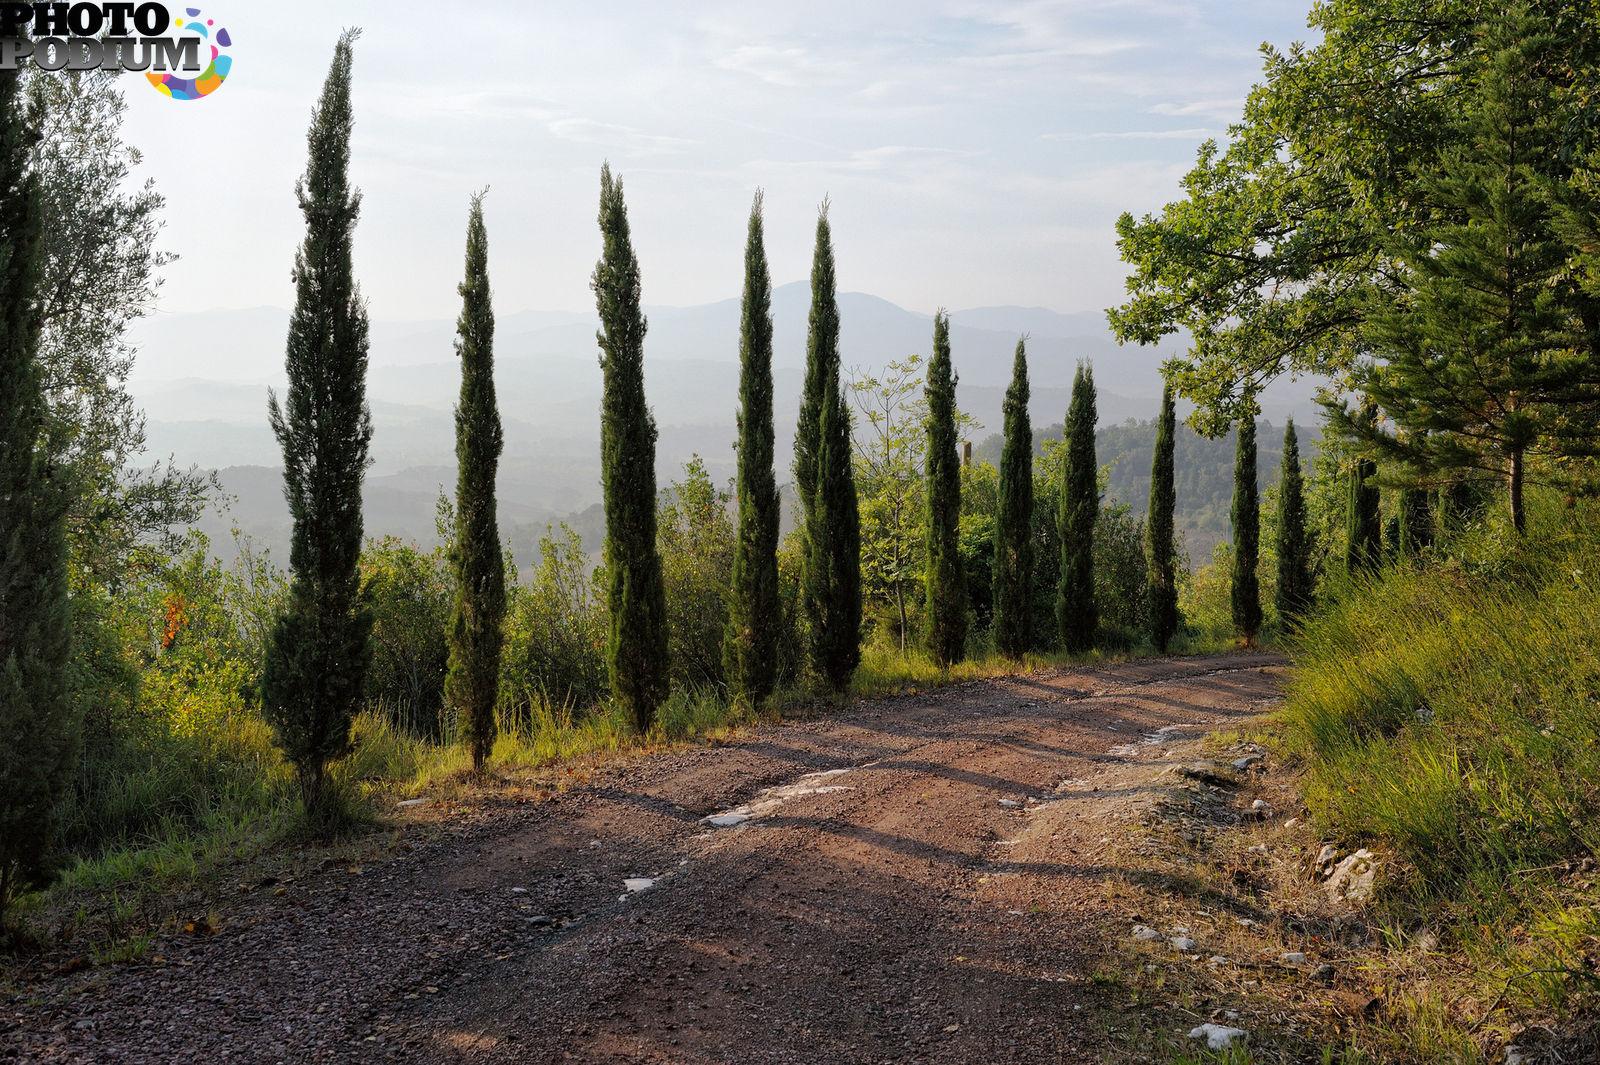 дорога в Италии  № 2221778 загрузить